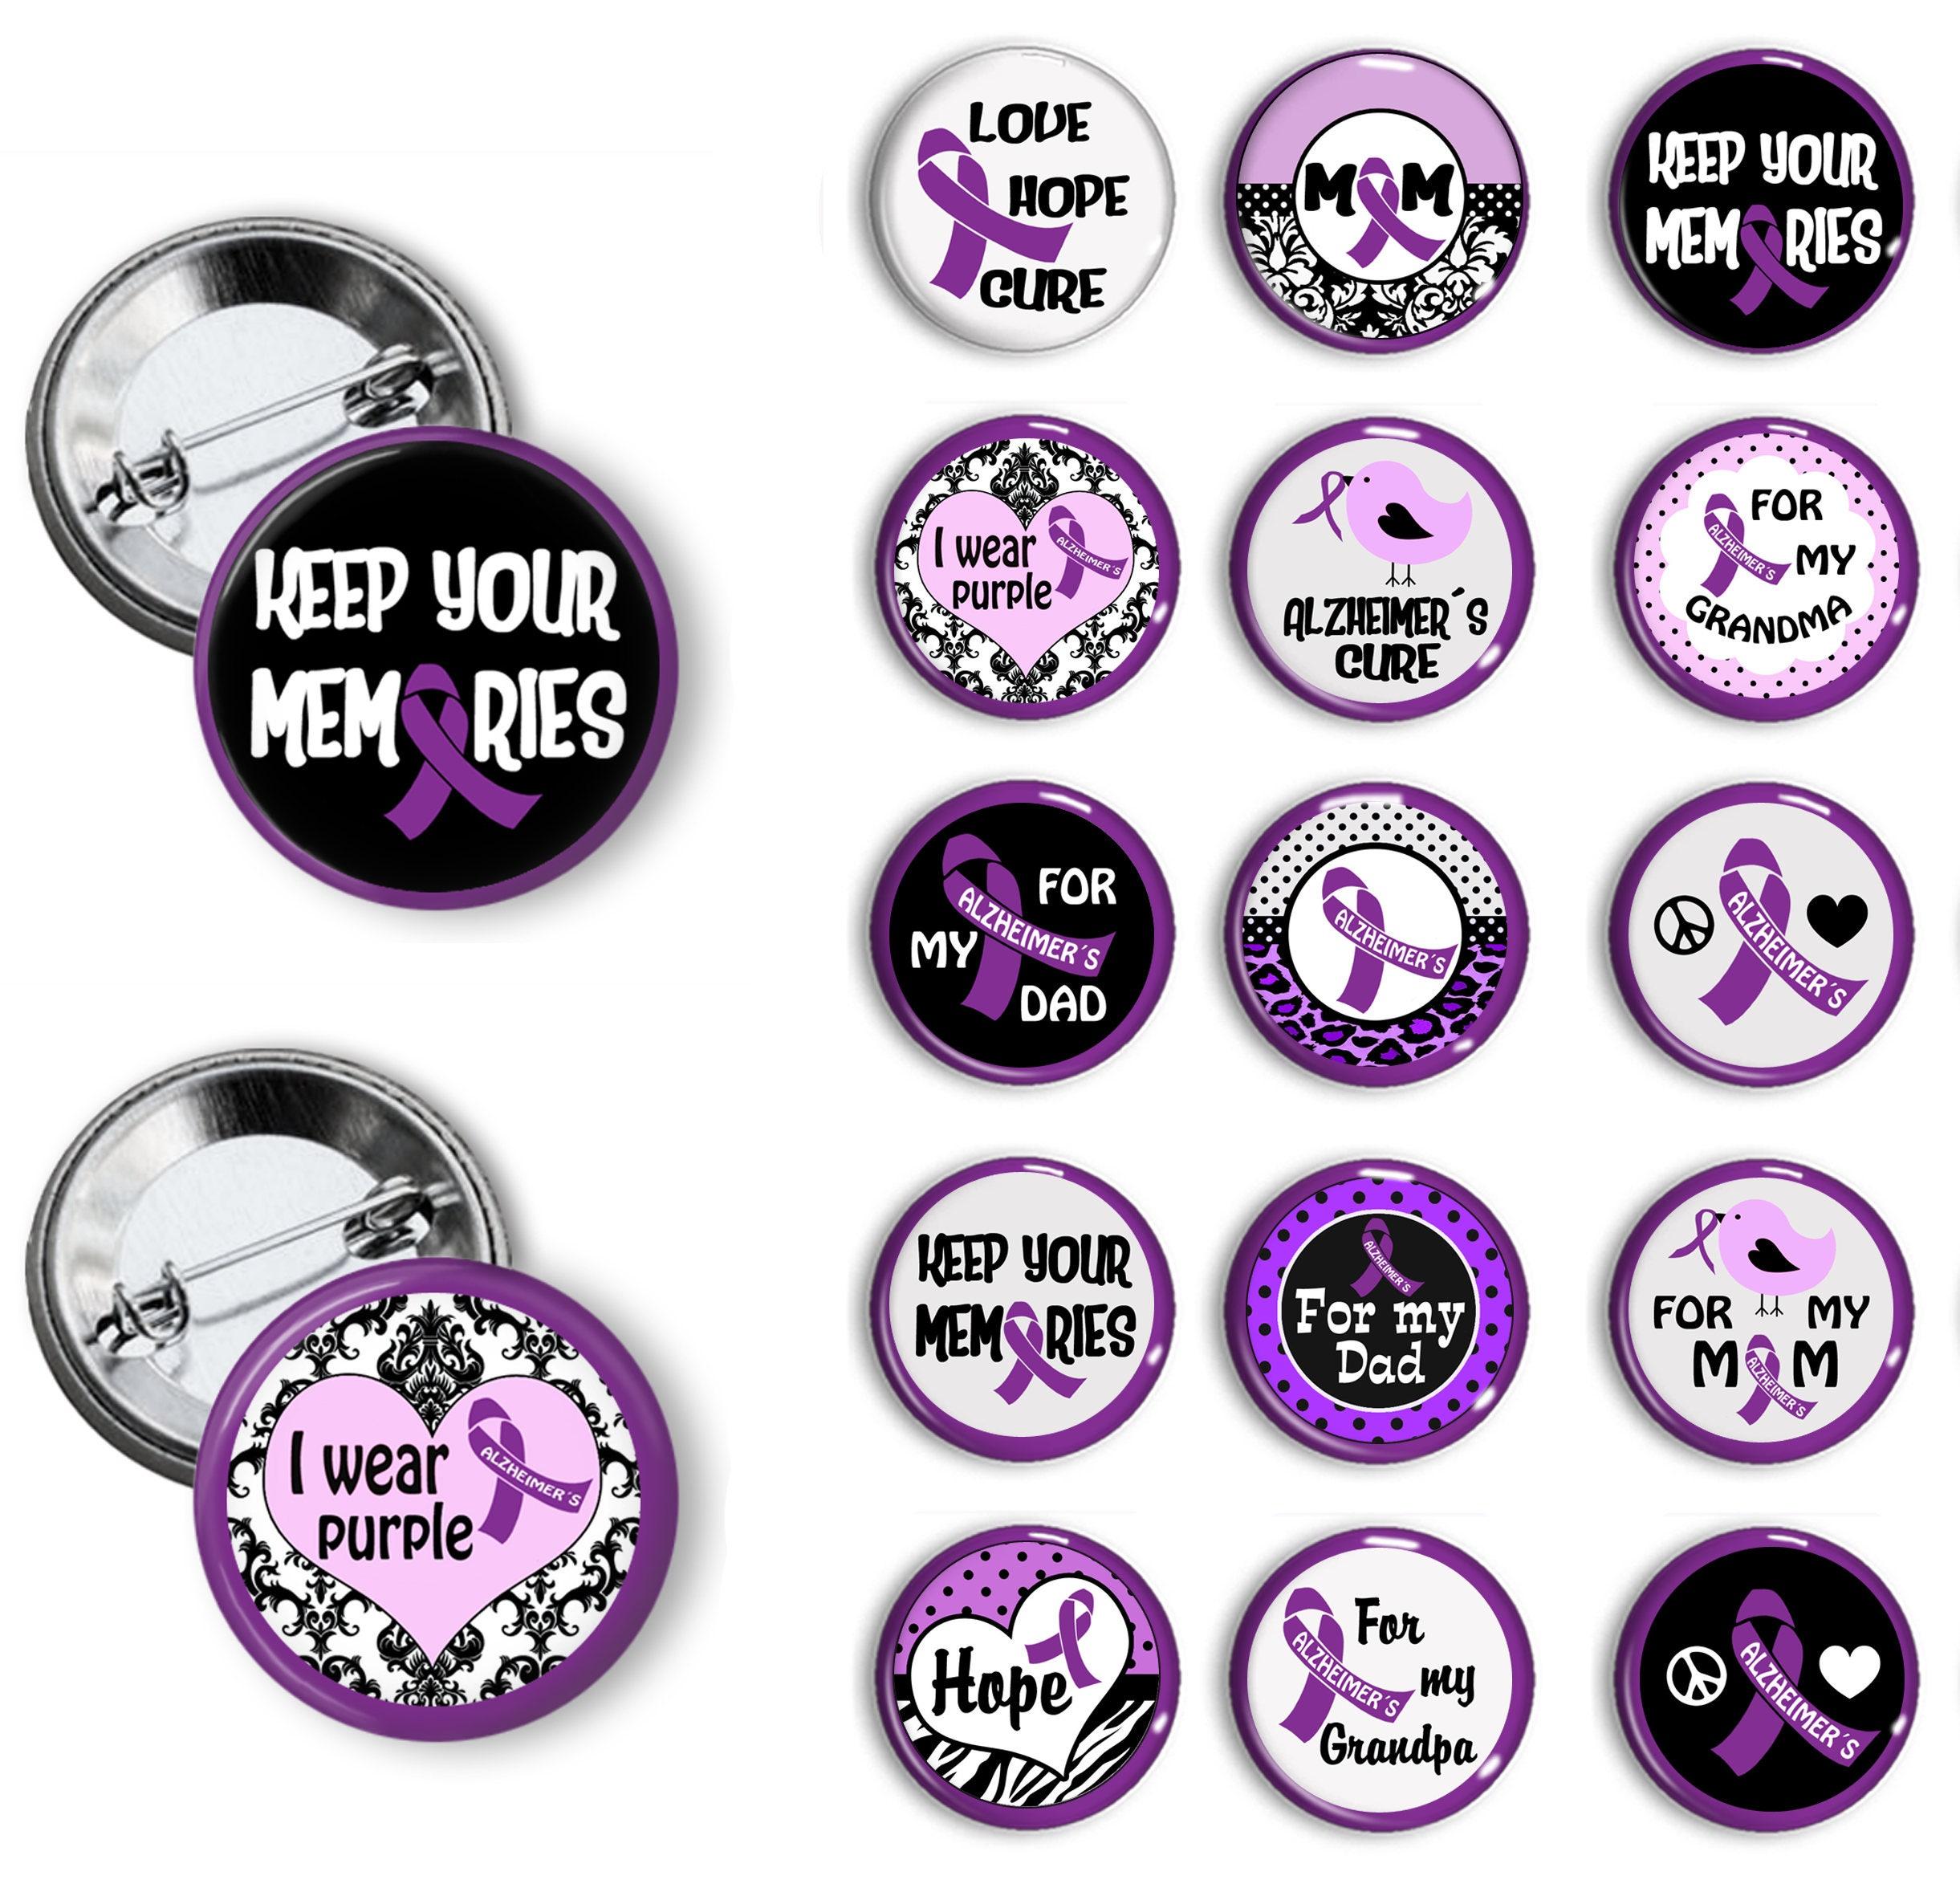 ca0dcab582d Alzheimer Awareness Pins Alzheimer Awareness Buttons Alzheimer Awareness  Badges 1.25 inch pinback buttons pin badges